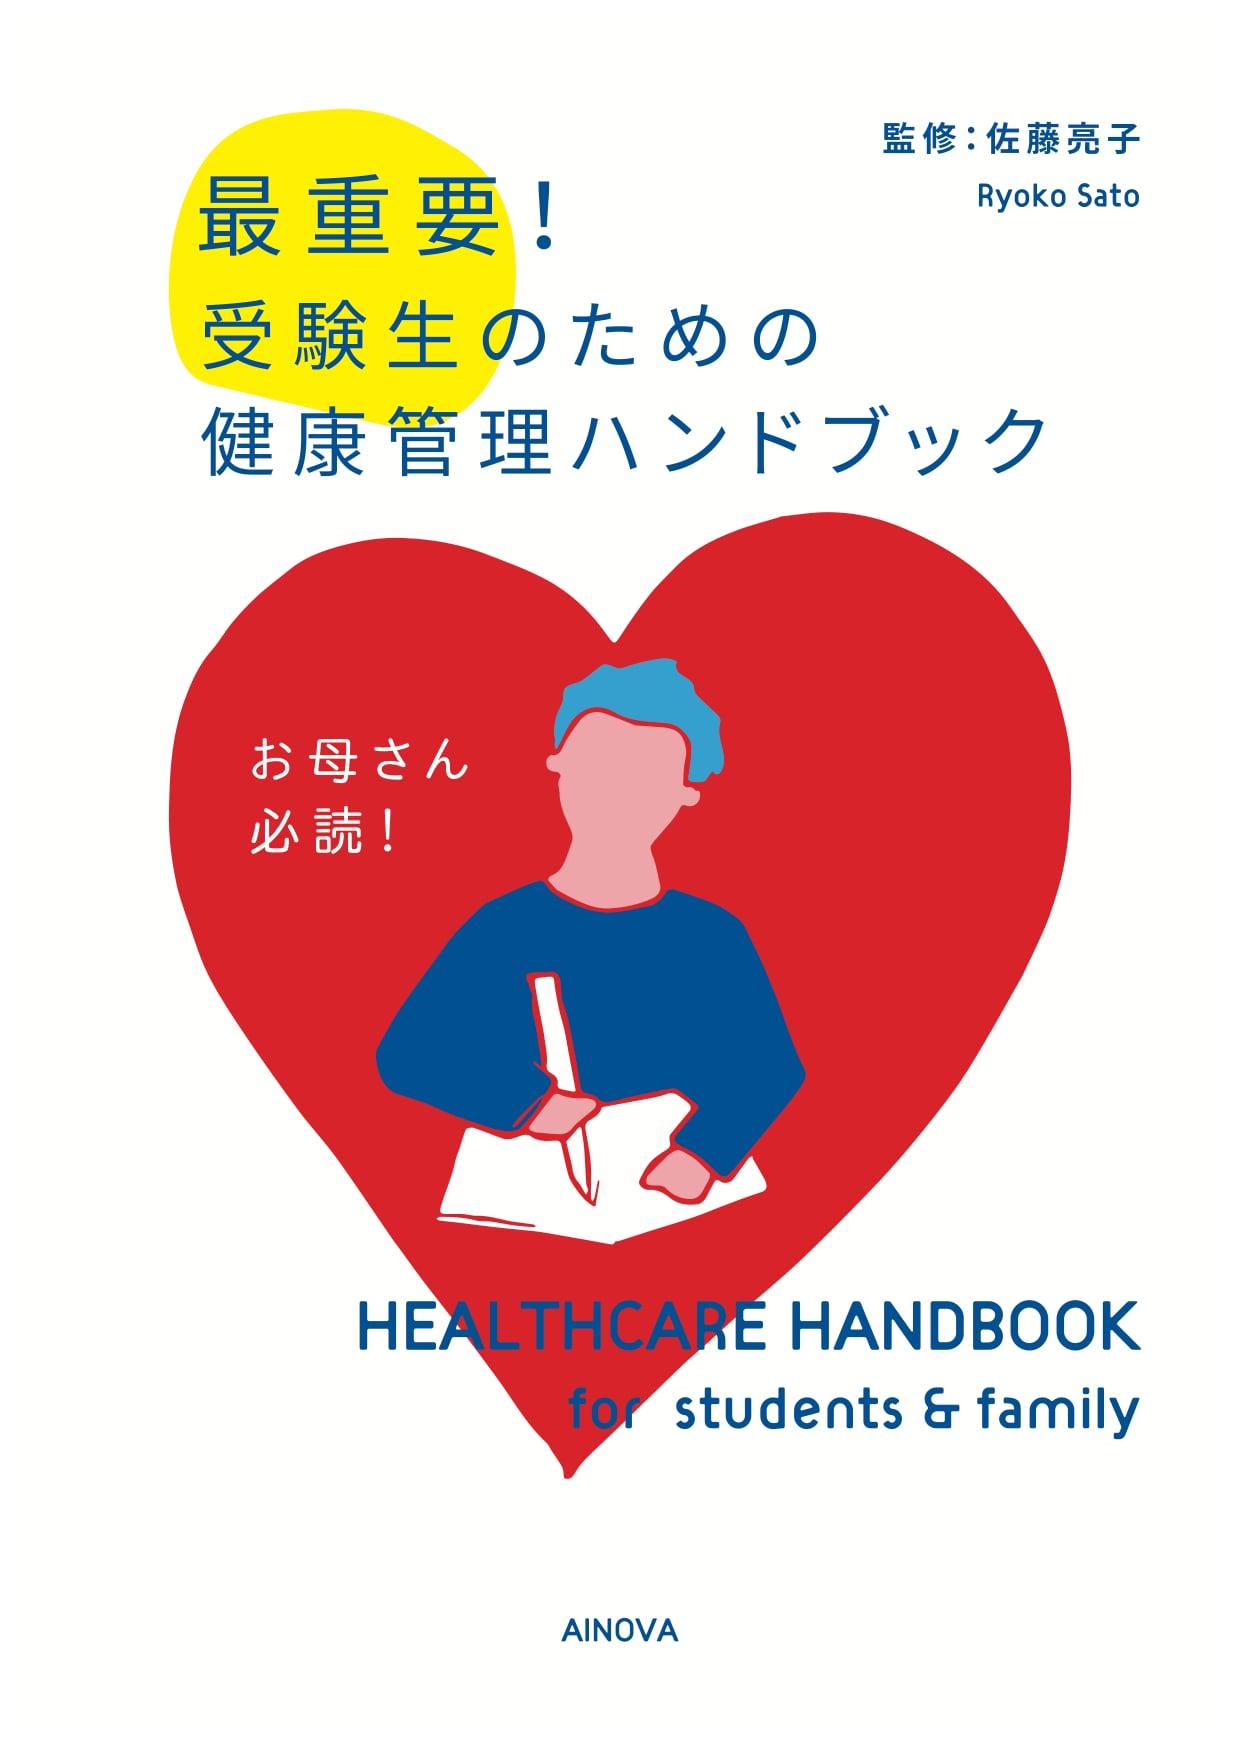 受験生のための健康管理ハンドブック